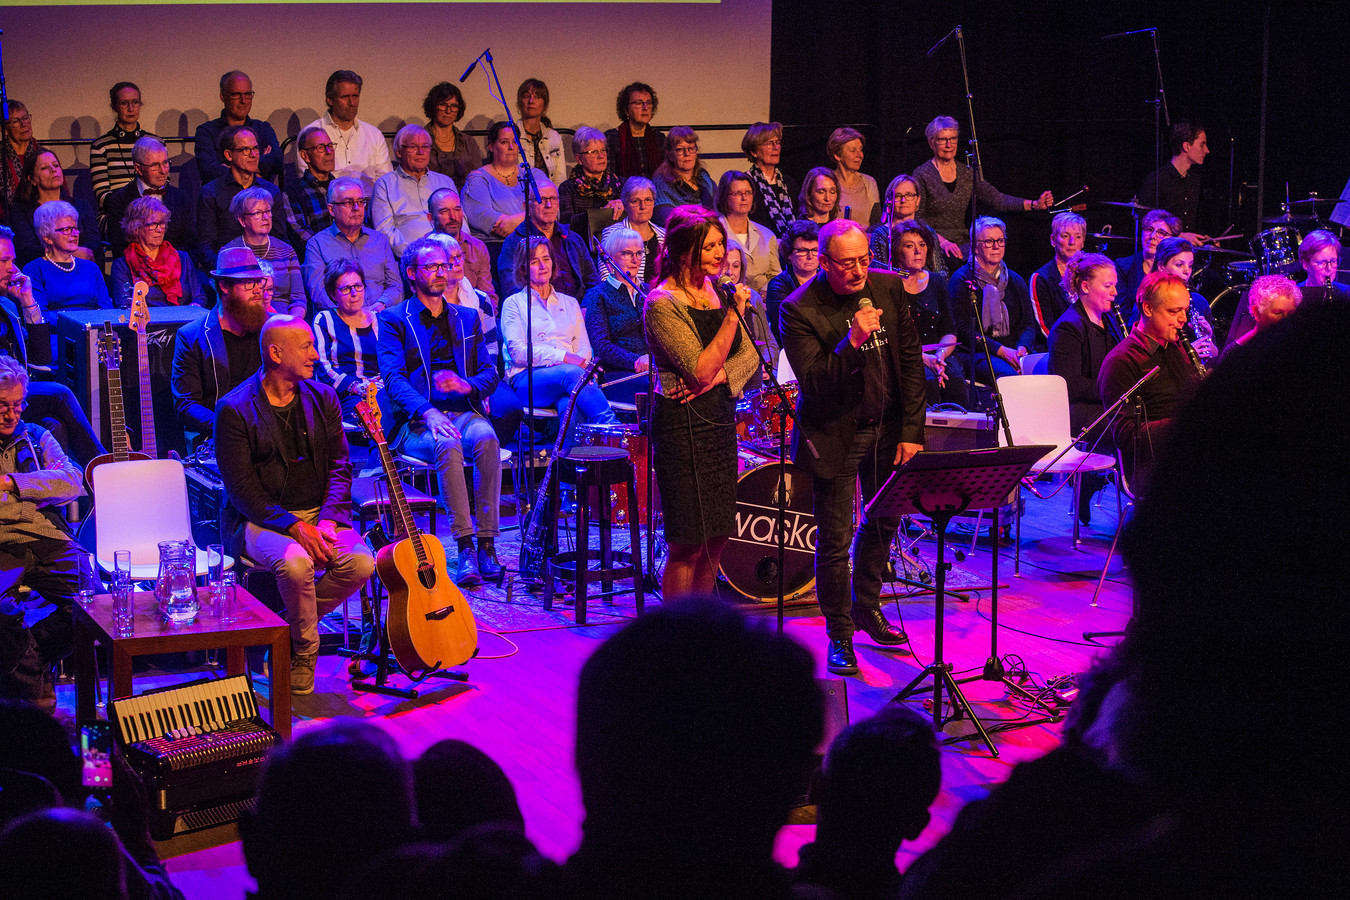 Lizet van Beek en Nol Havens zingen 'De graaf van Tjip Tjap Tjoep', een kinderlied van Jan Naaijkens.